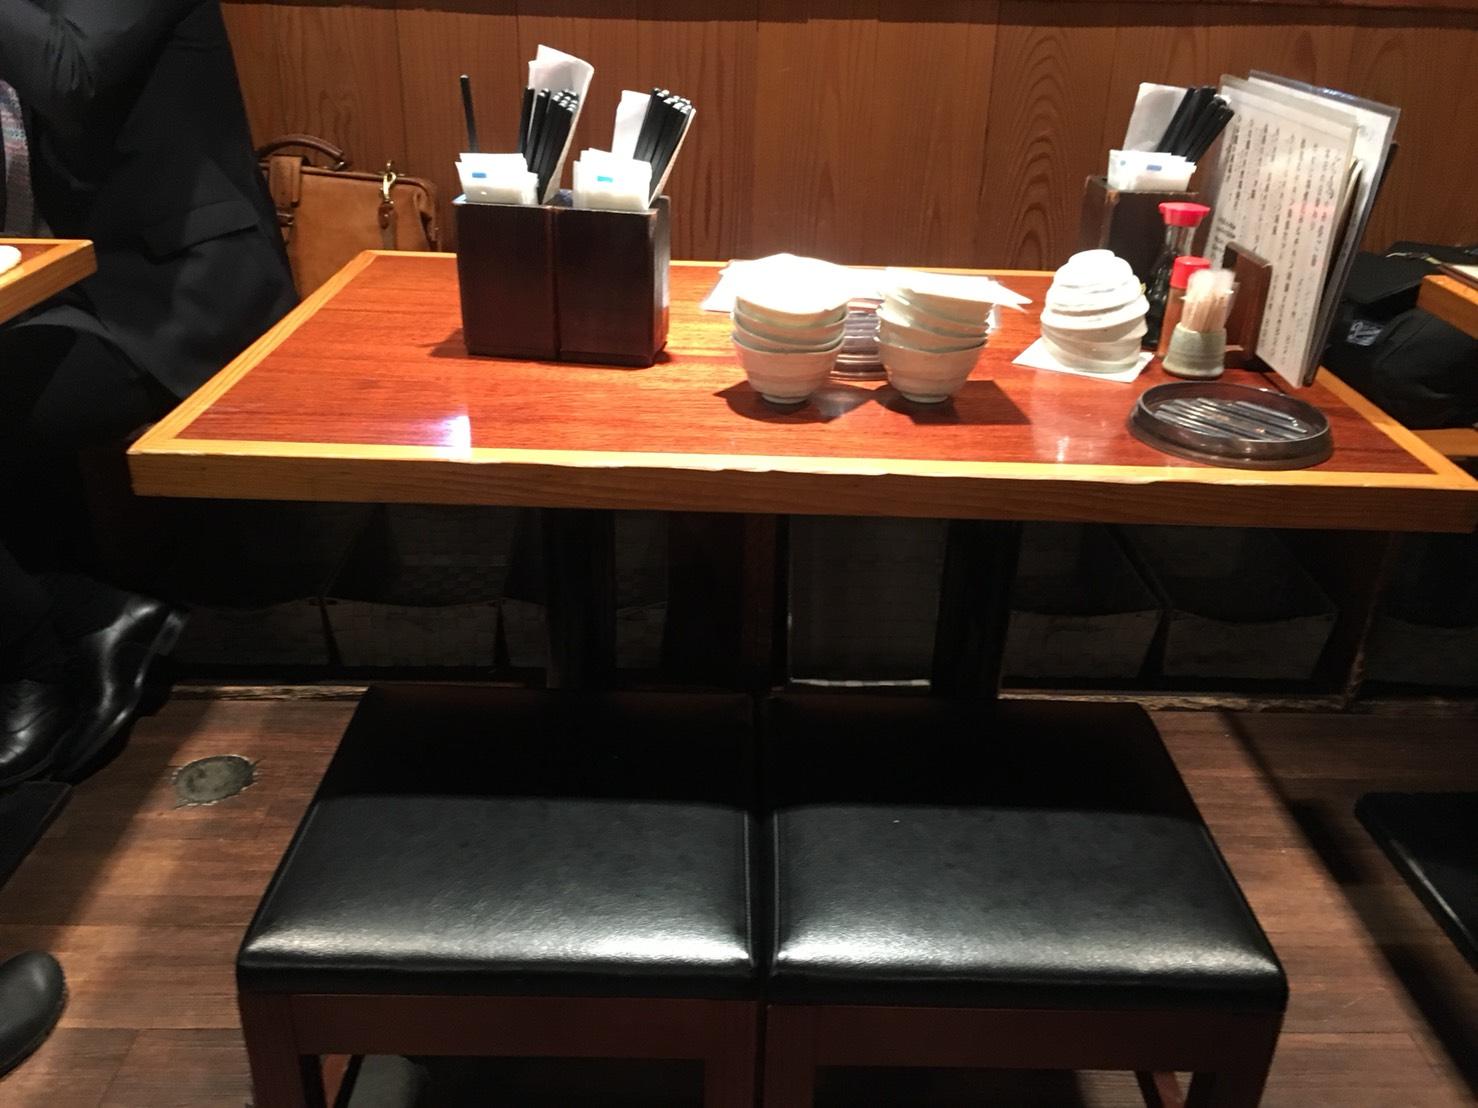 【大塚駅】1H1,000円飲み放題「てしごとや ふくの鳥 大塚店」のテーブル